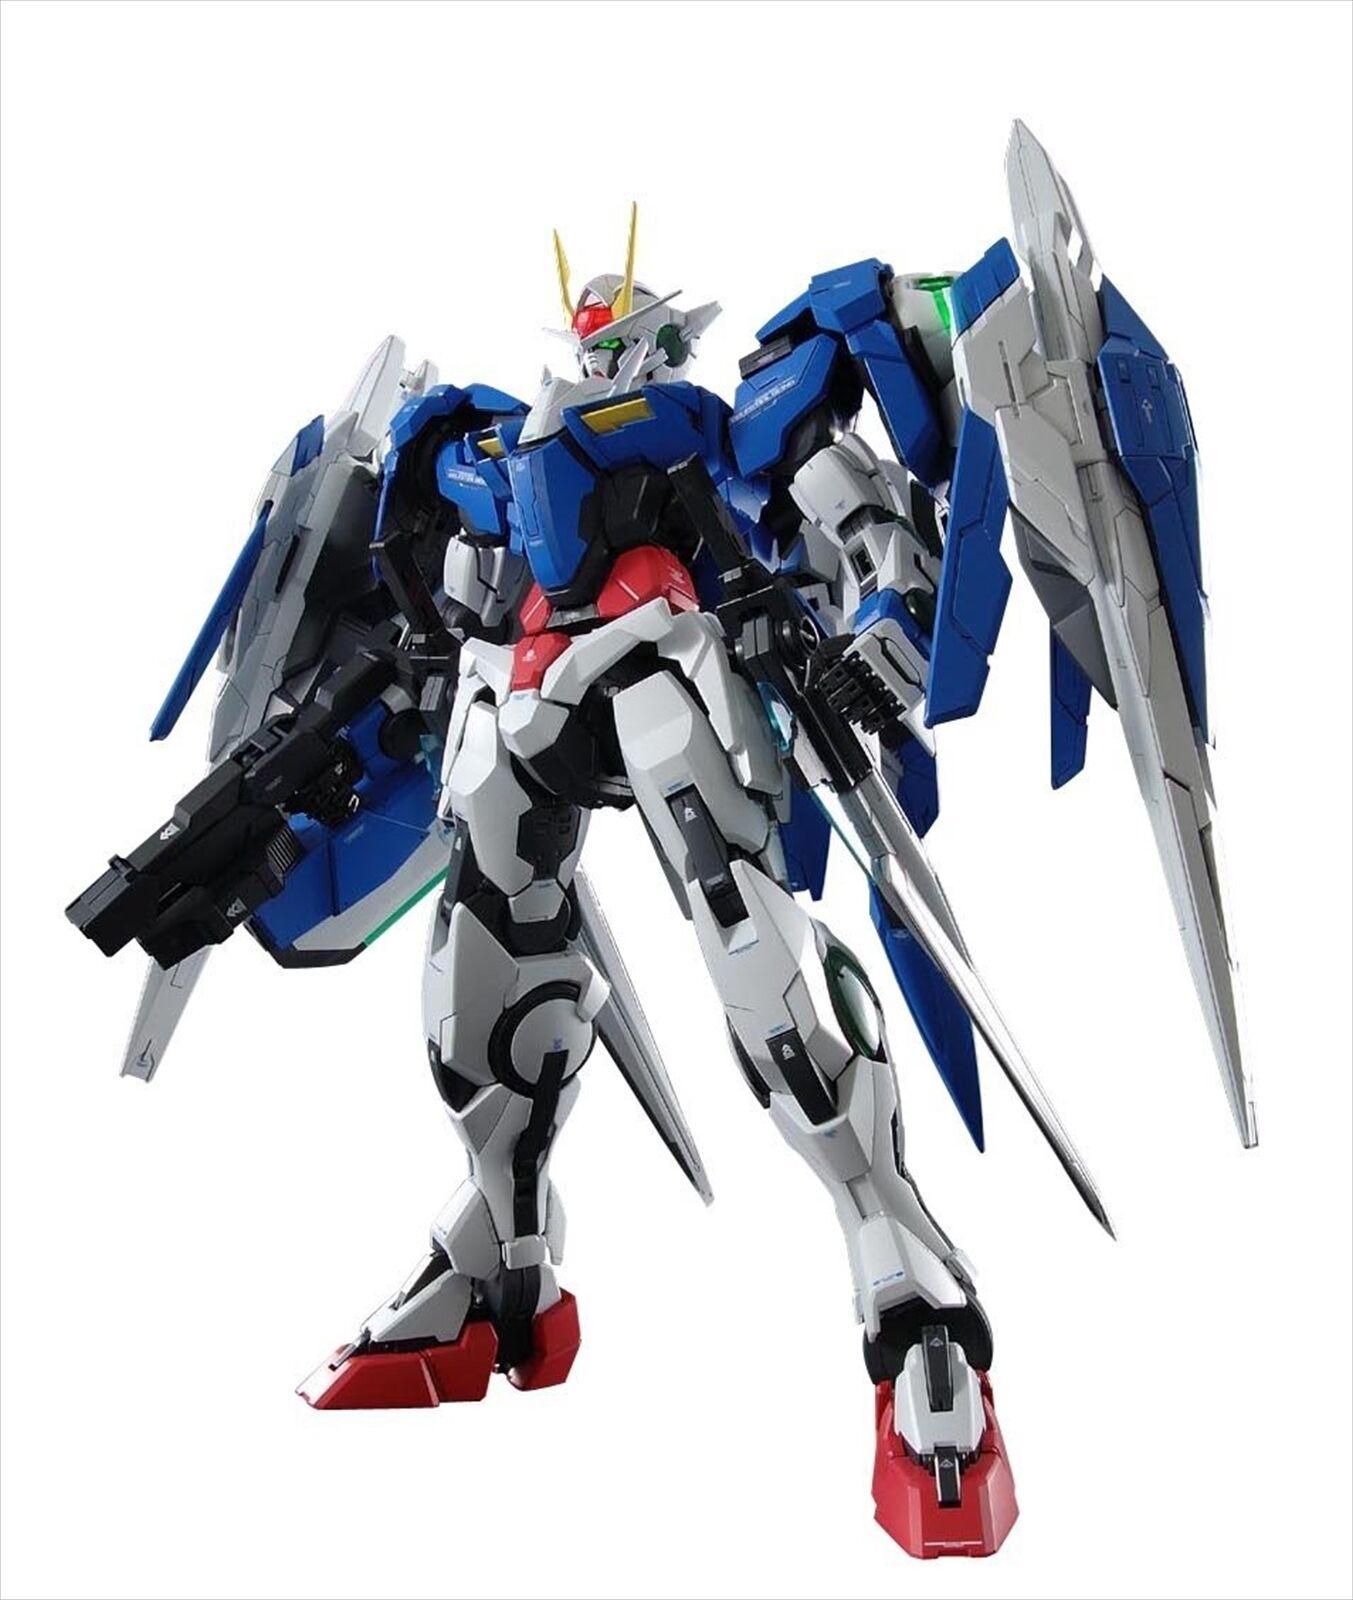 Bandai PG 1 60 GN-0000+GNR-010 Gundam 00 Raiser Plastic Model Kit